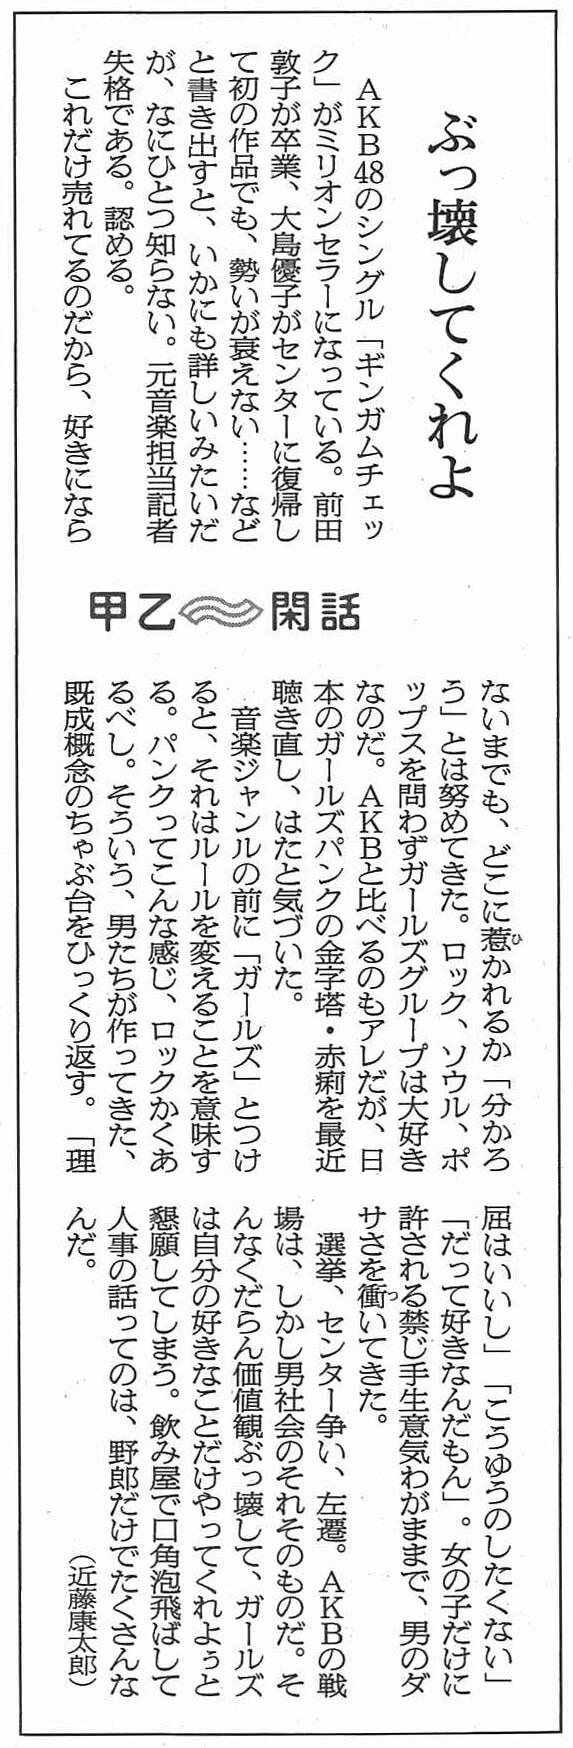 """653994804 """"日本のガールズパンクの金字塔・赤痢を最近聞き直し、はたと気づいた。"""" 画像"""